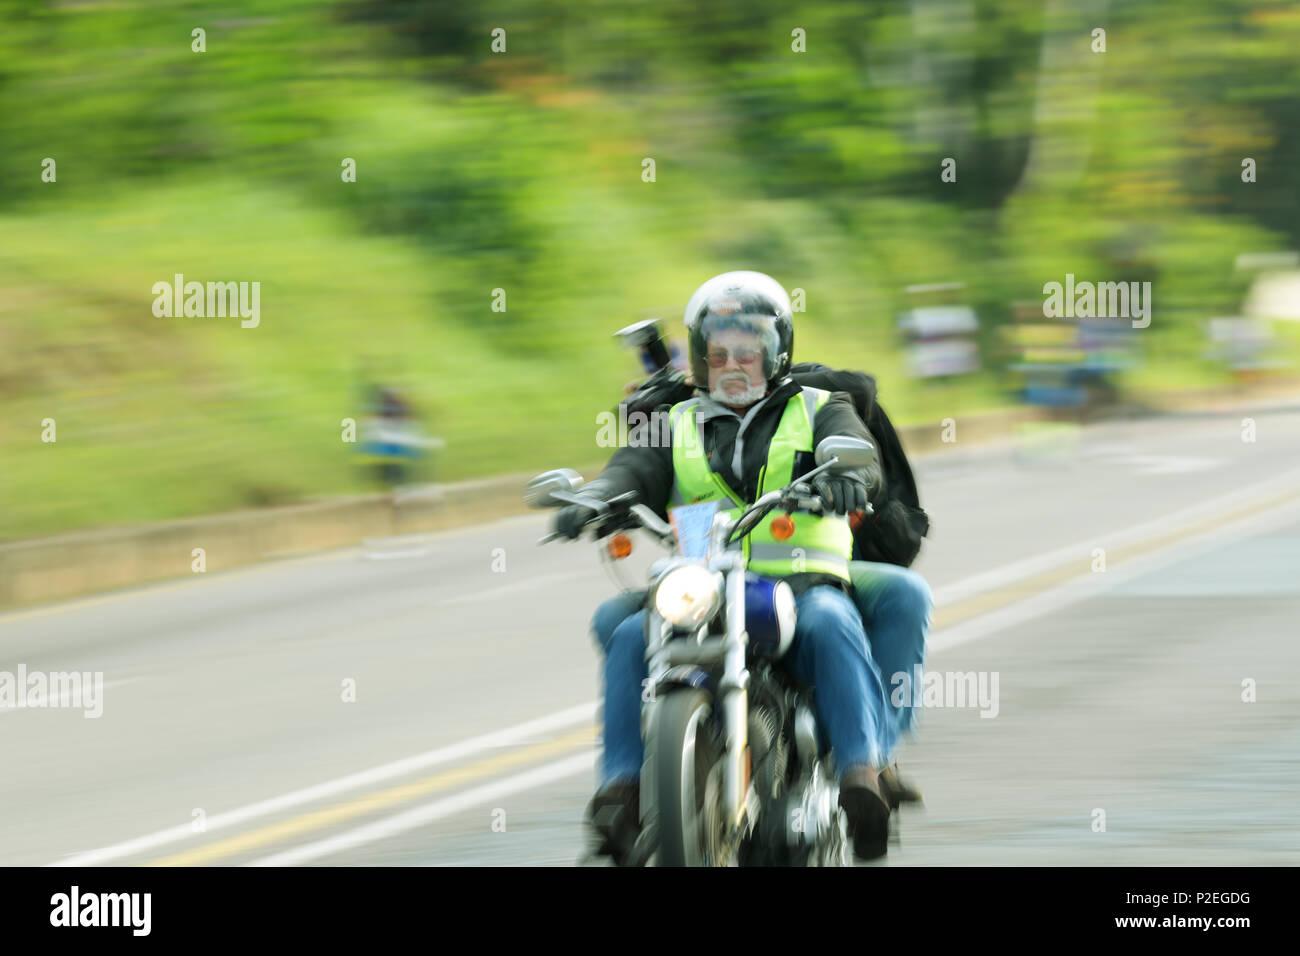 Durban, le KwaZulu-Natal, Afrique du Sud, pilote moto, Vêtements haute visibilité, le transport photographe, 2018 marathon de camarades, flou, les gens Photo Stock